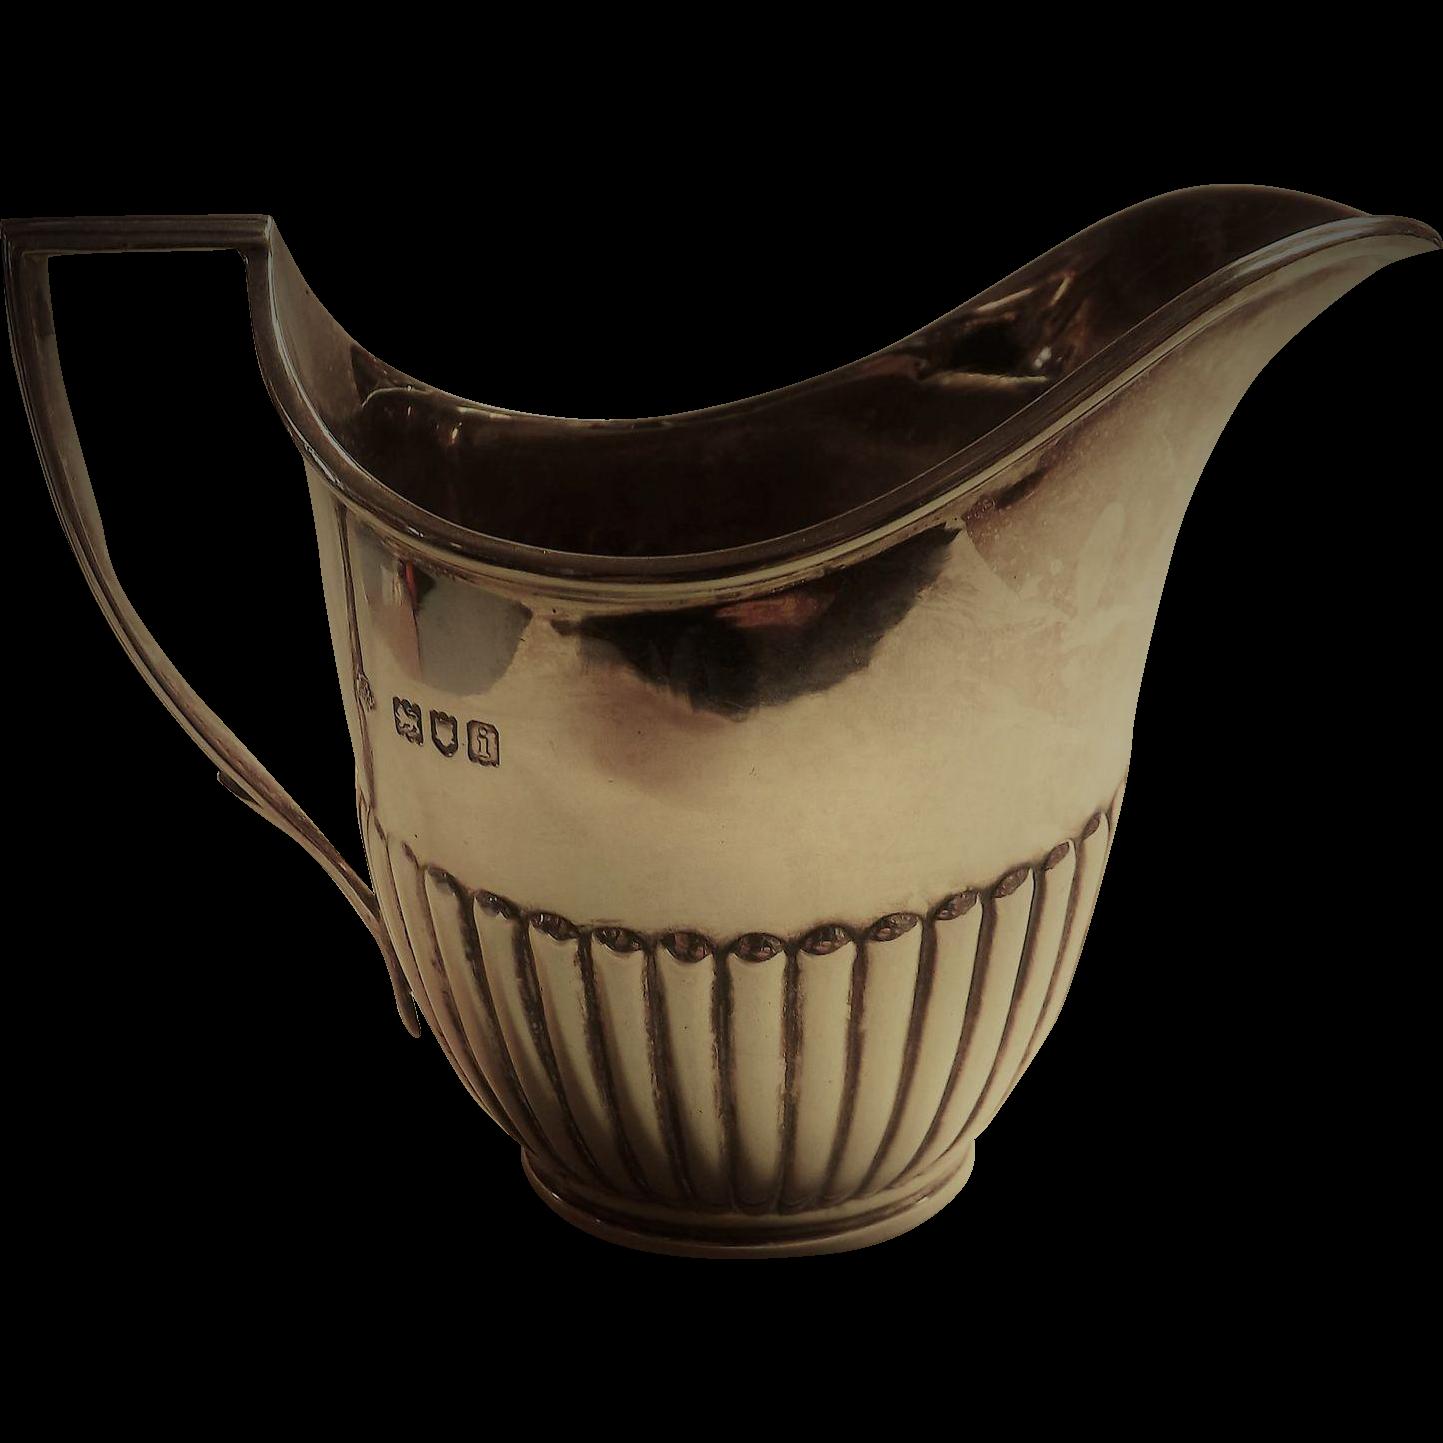 George V Sterling Silver Creamer - 1924